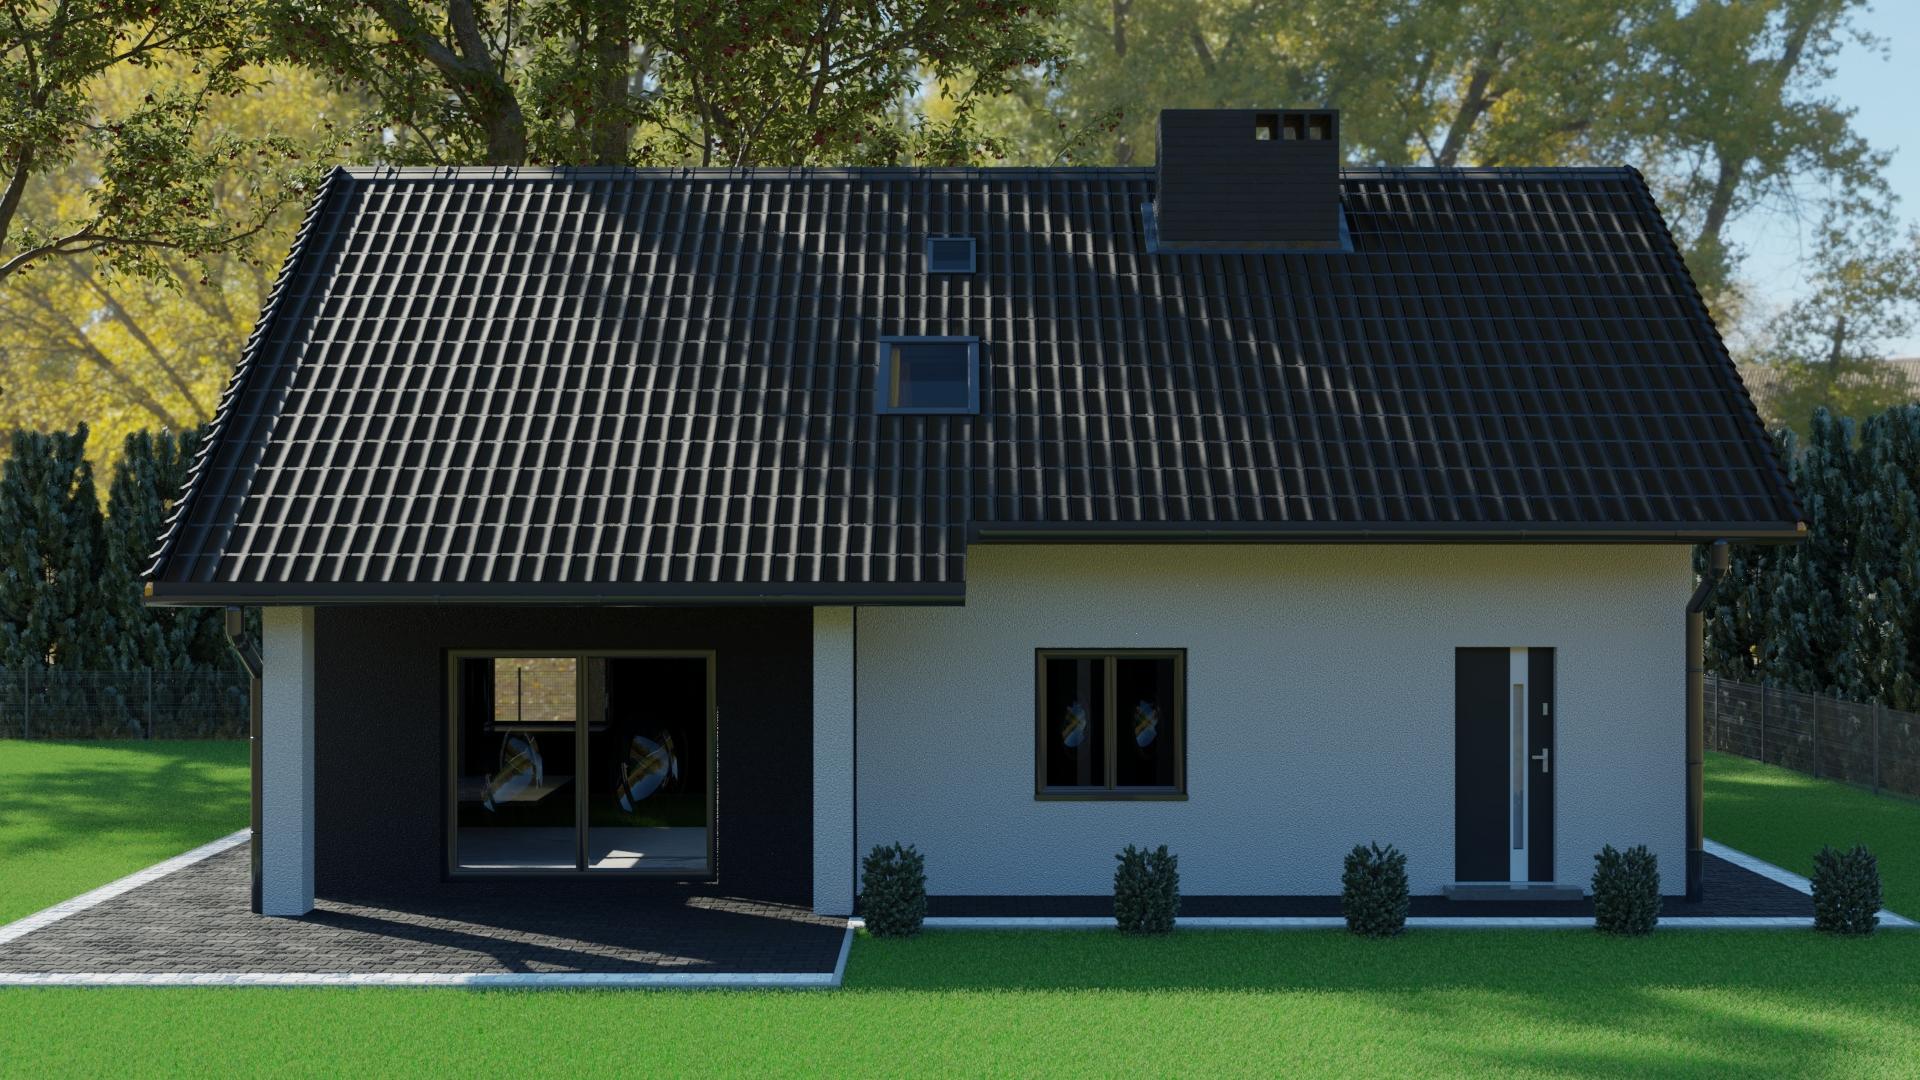 wizualizacja architektoniczna domu